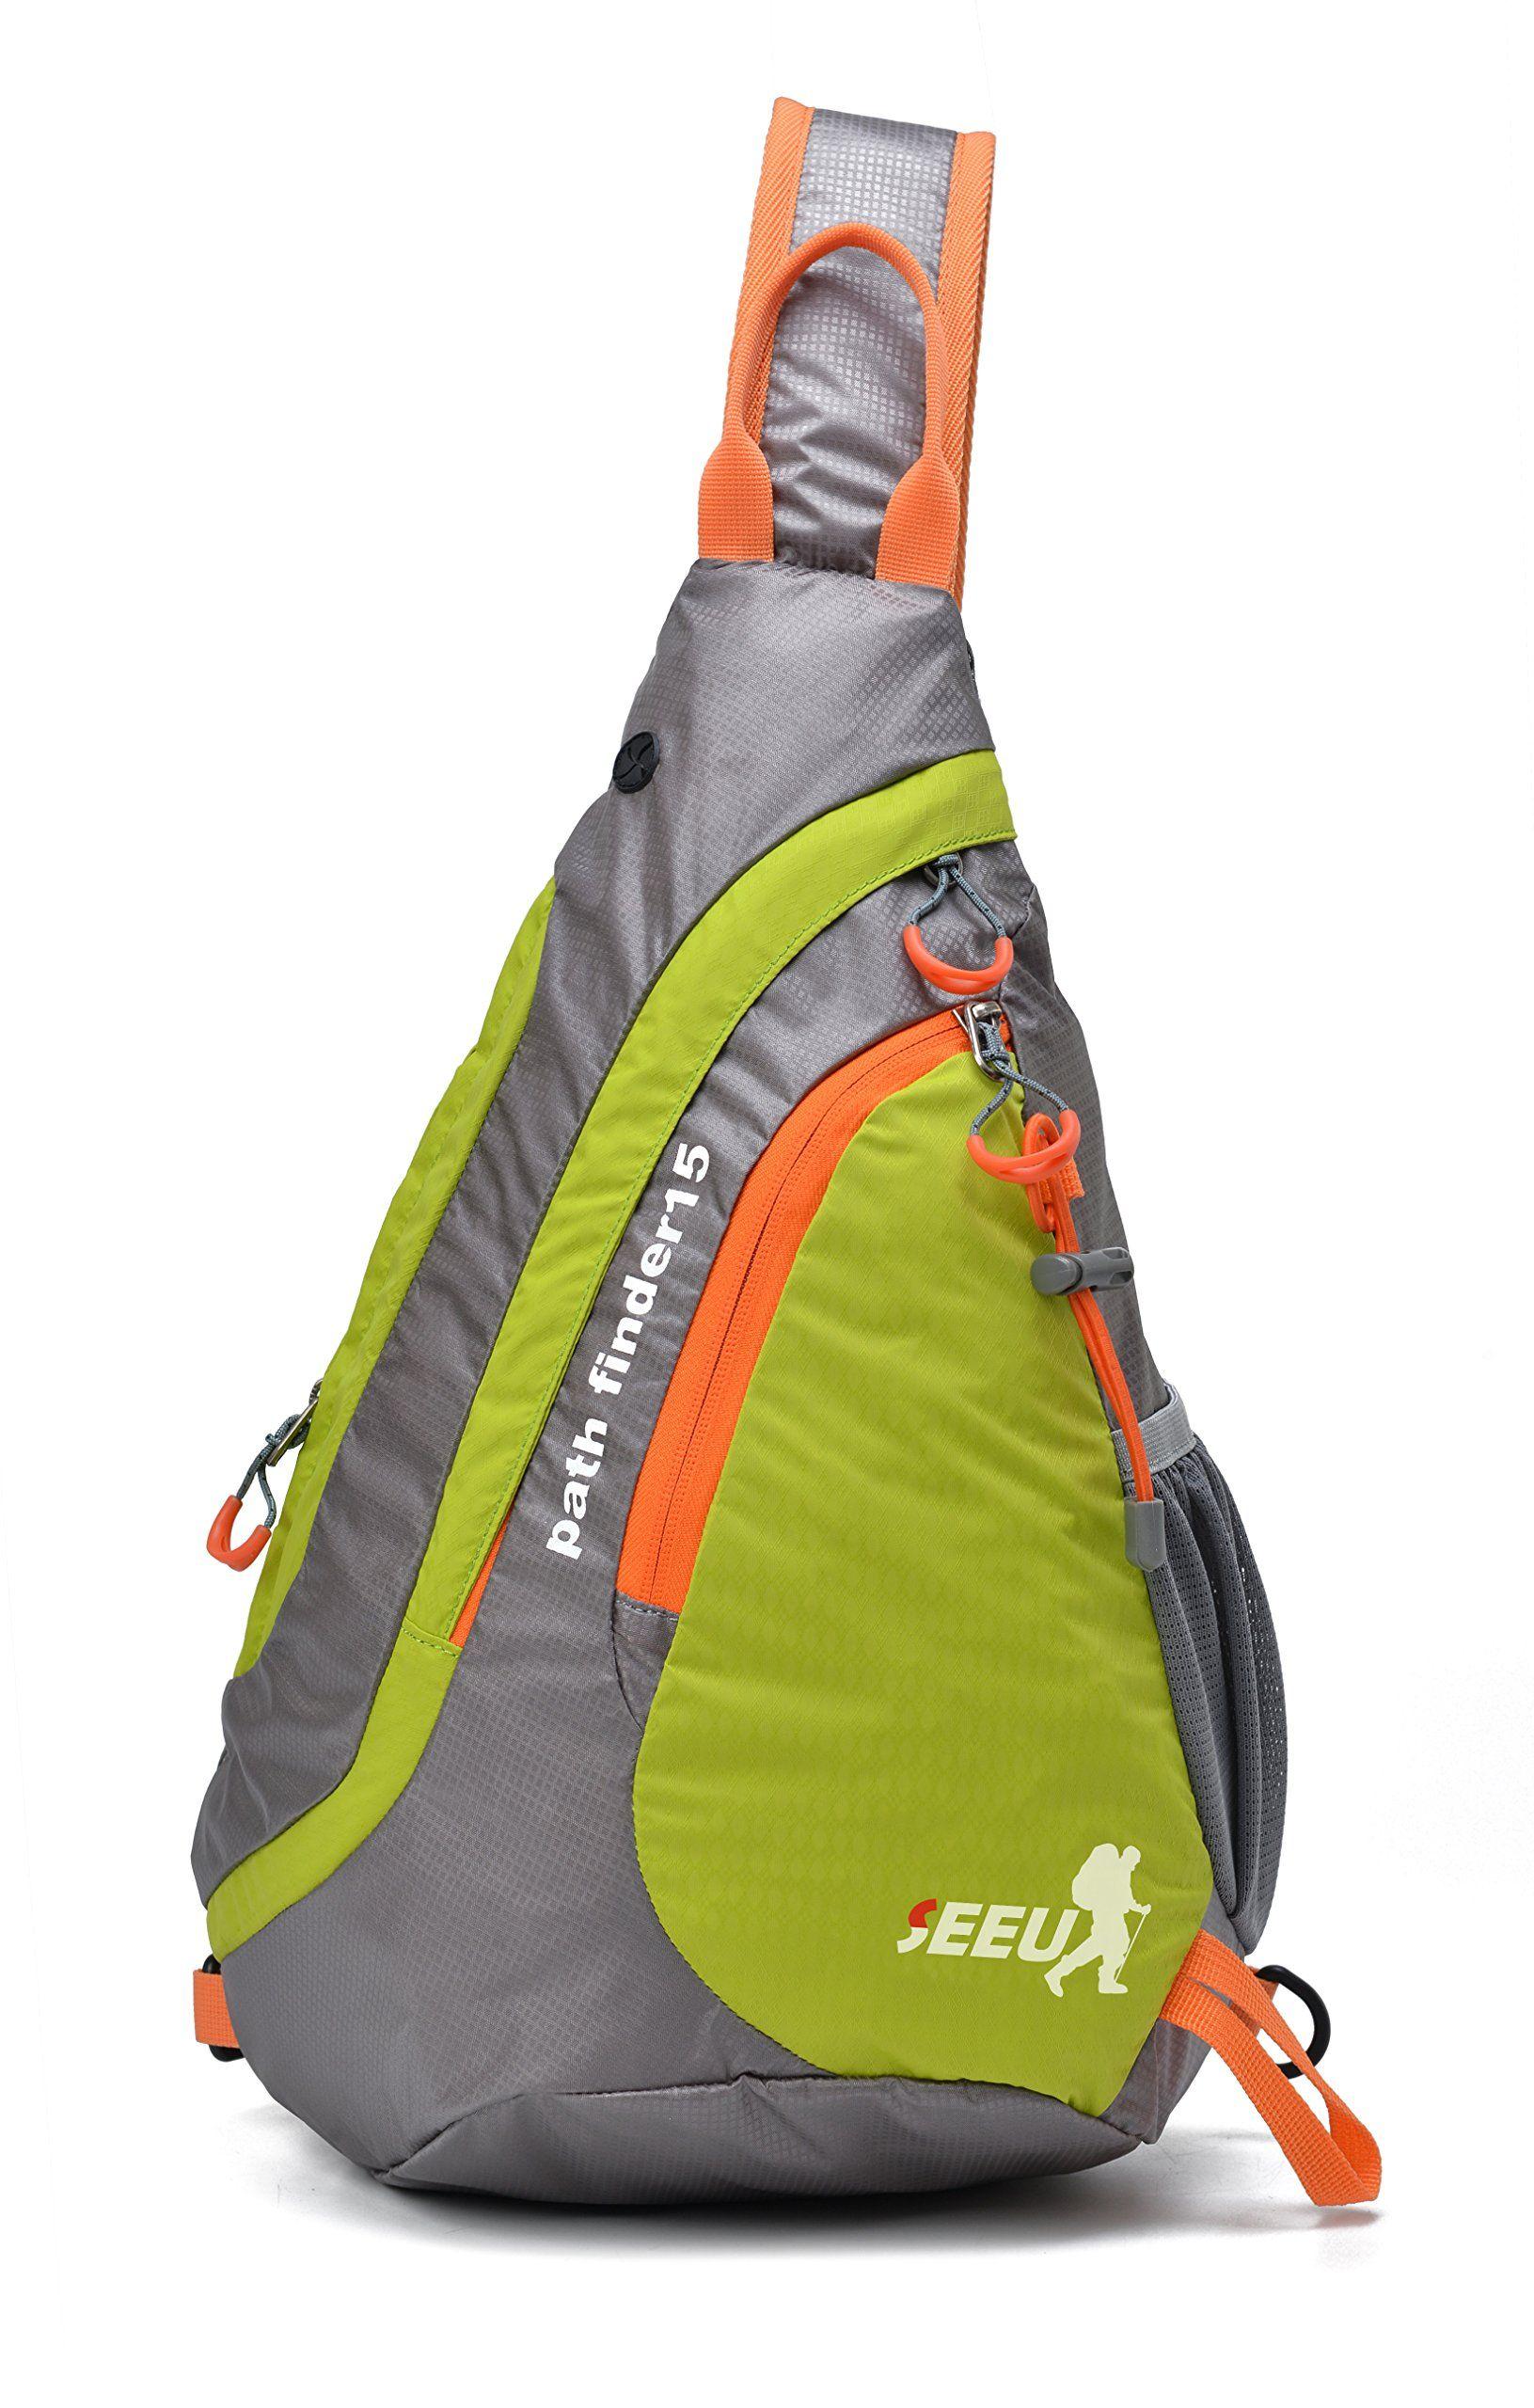 e0293e2674d ... crossbody shoulder backpacks for GYM Travel. SEEU Waterproof Sling Bag  Backpack, Ultralight Multipurpose Outdoor Chest Bag for Men Women Kids 15L